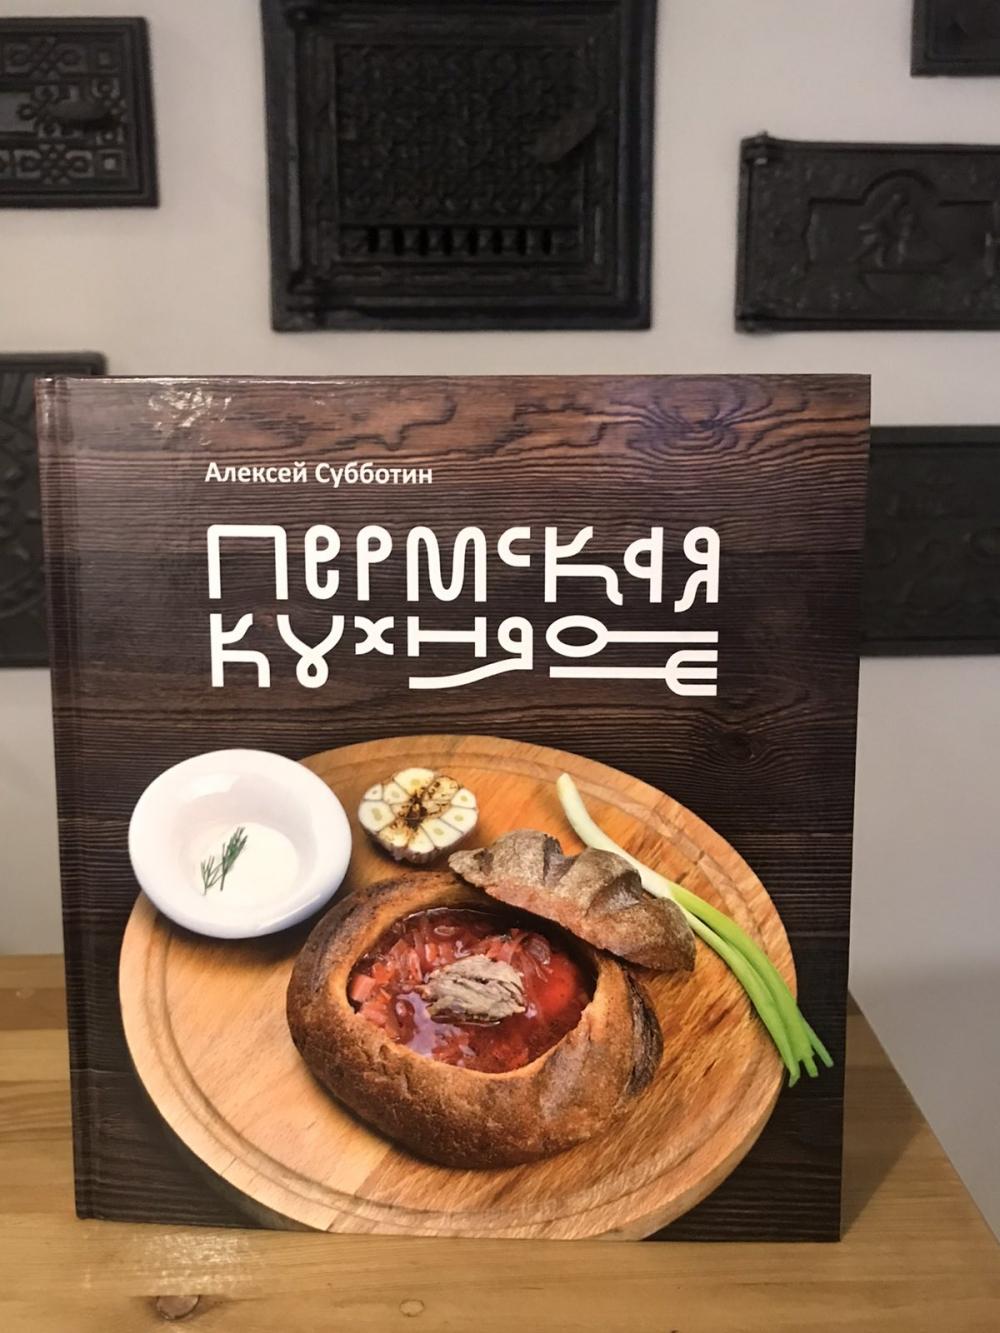 Новое версия «Пермской кухни» - это большая иллюстрированная кулинарная энциклопедия.